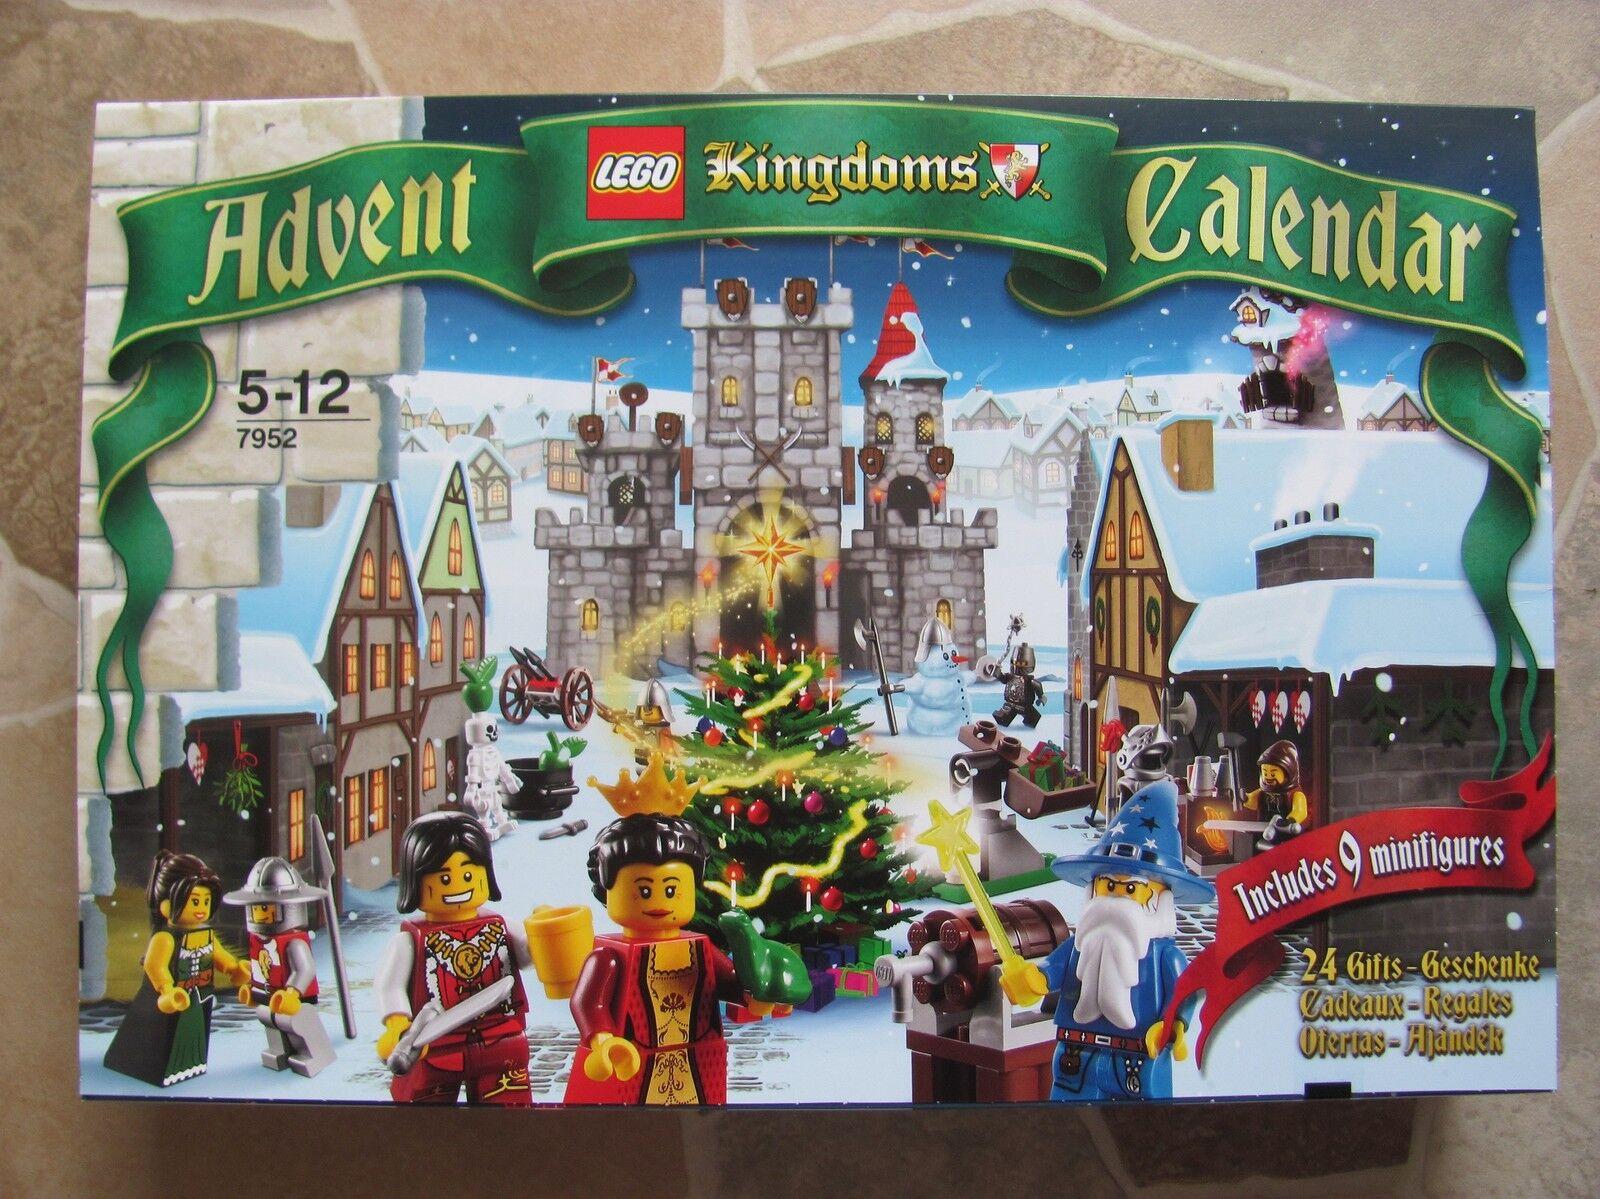 Lego calendrier de l'avent Kingdoms 7952 V 2010 RARE RARE NOUVEAU & NEUF dans sa boîte